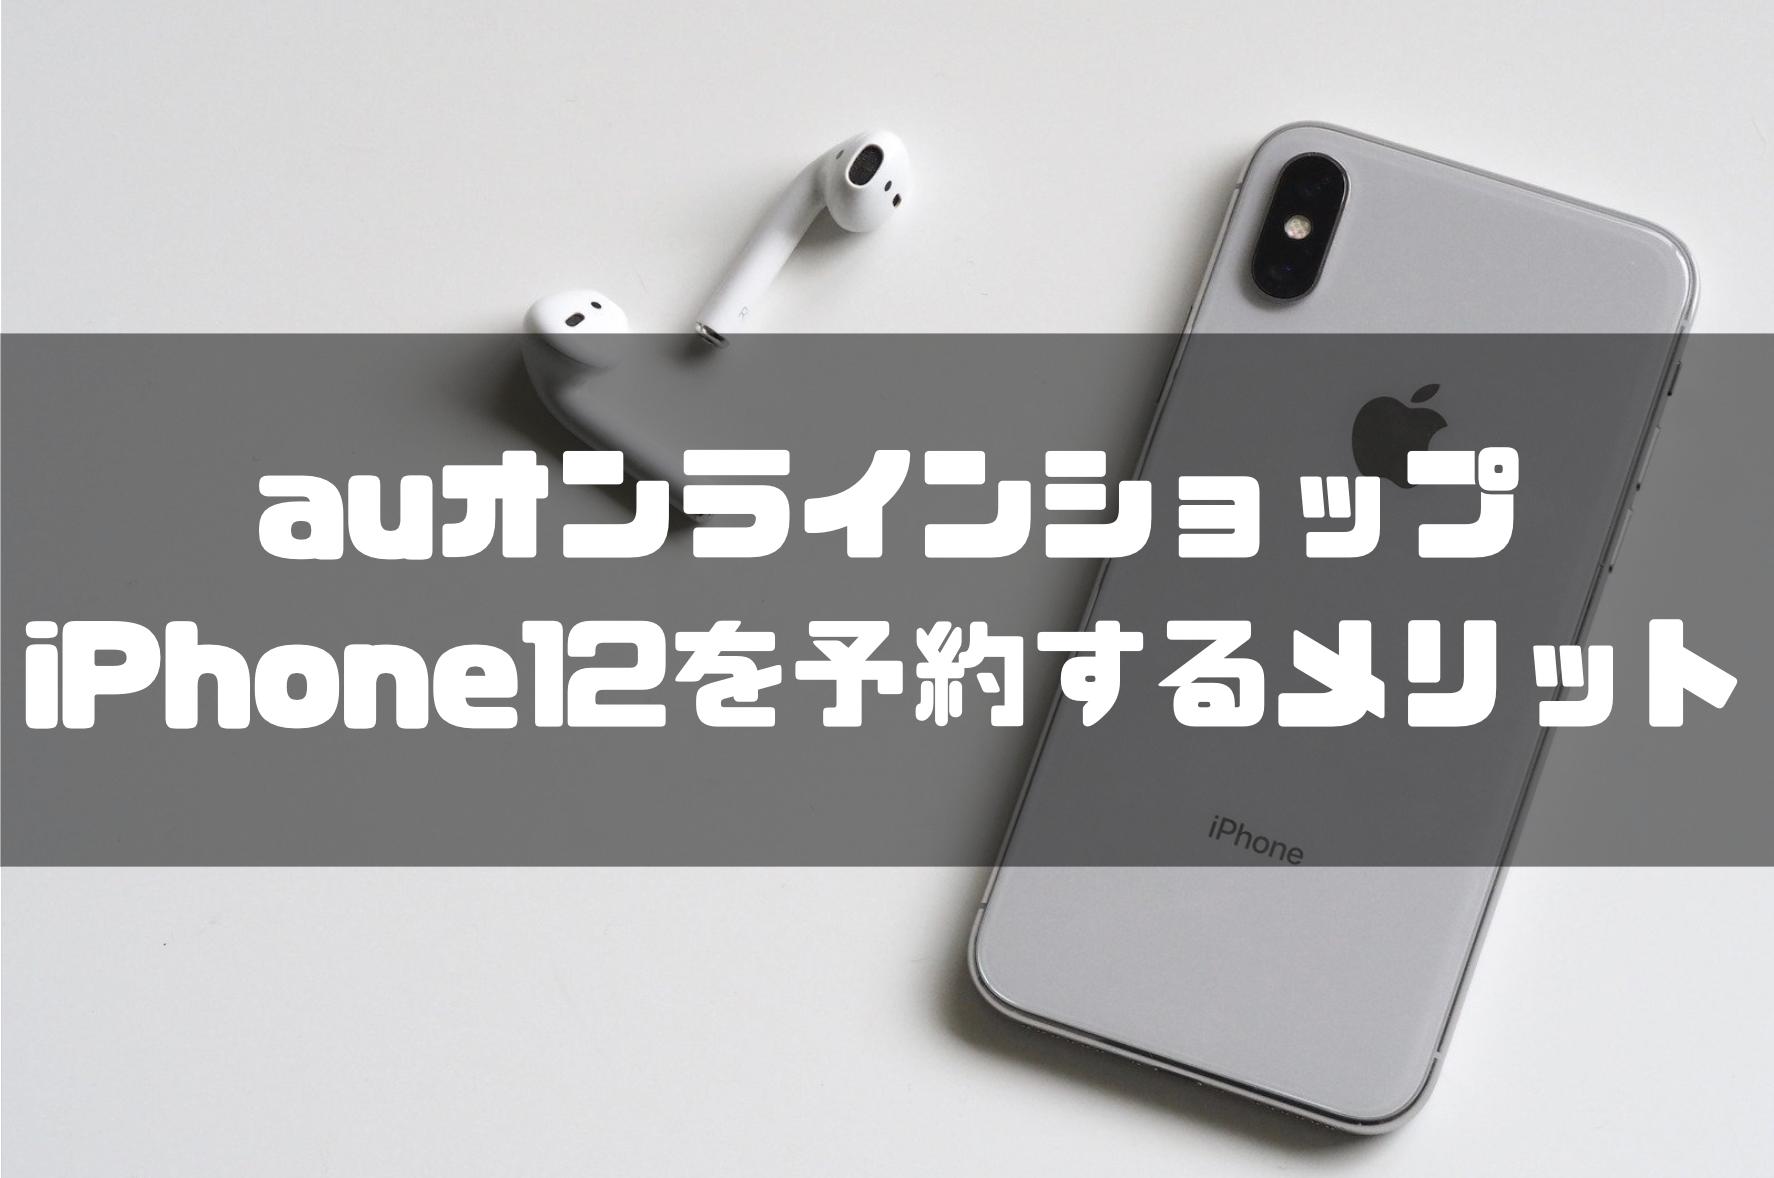 iPhone12_auオンラインショップ_メリット